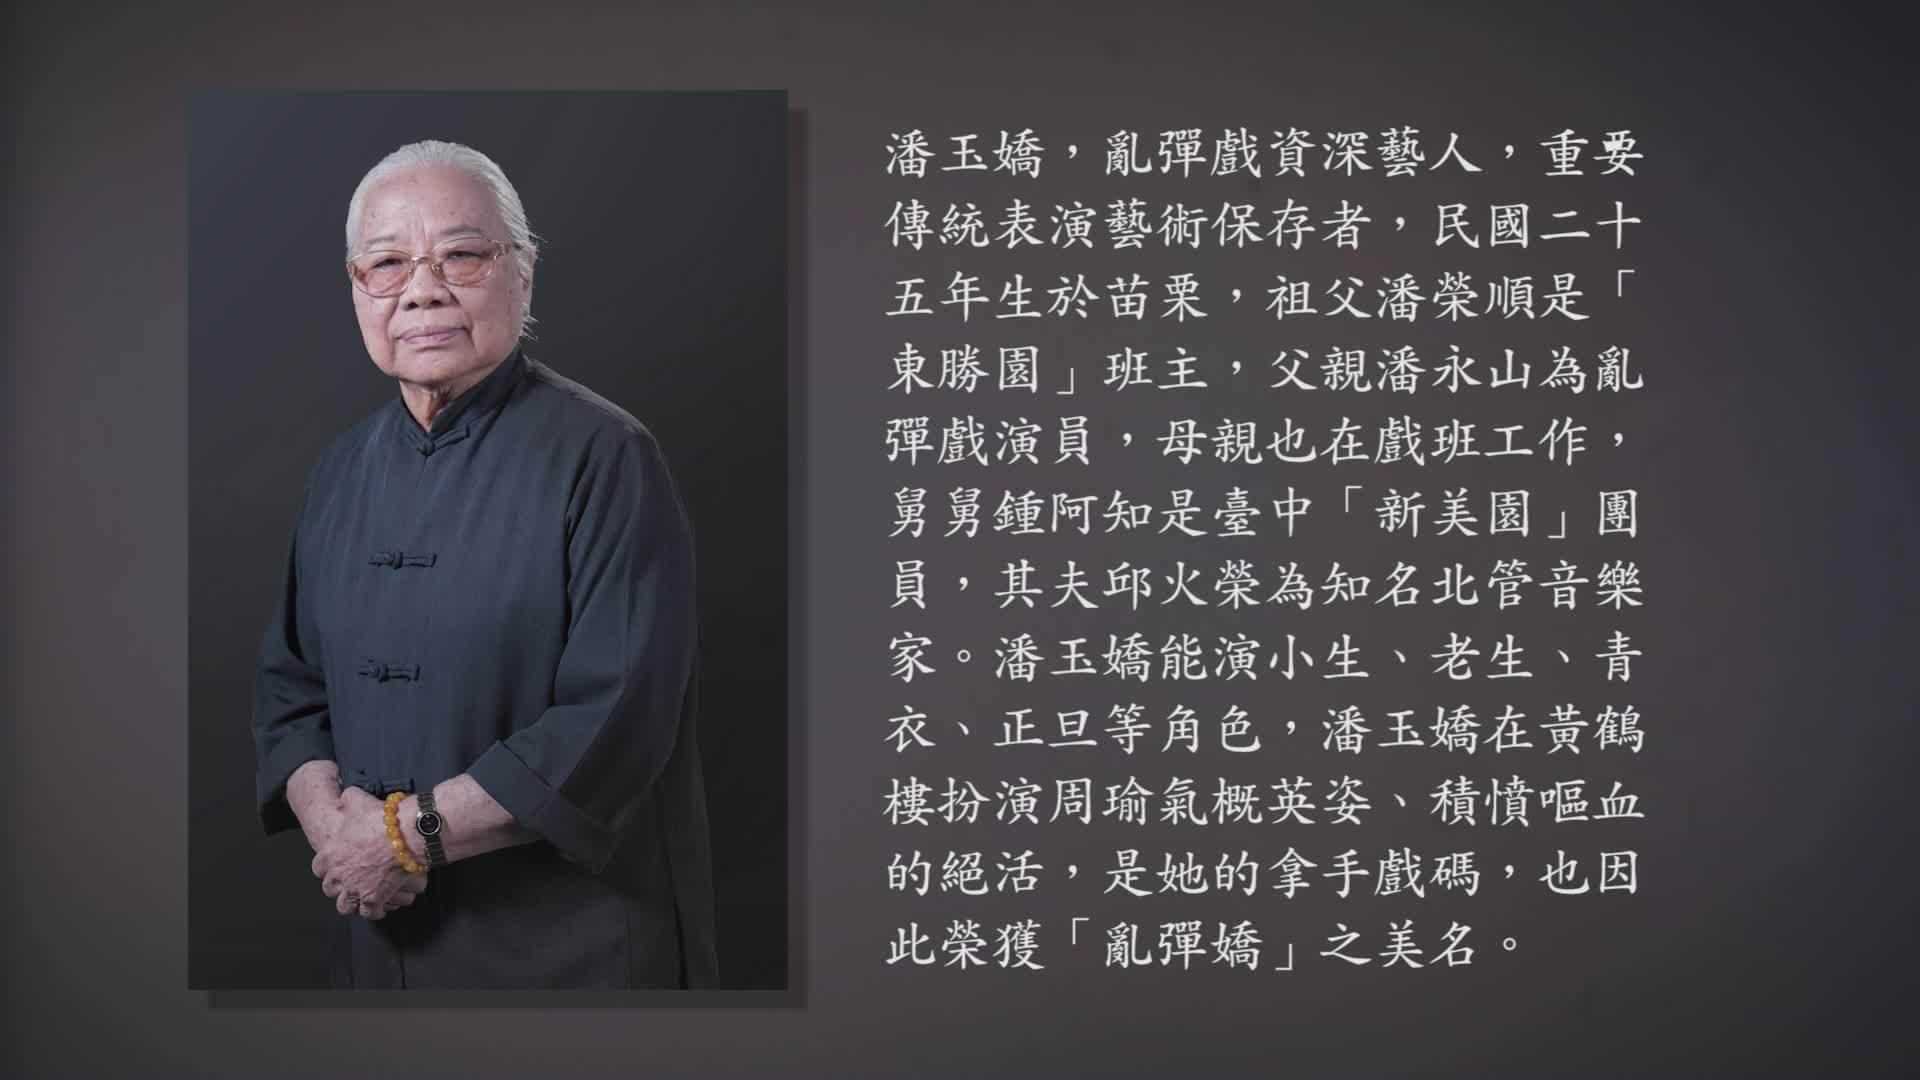 技藝.記憶-傳統藝術藝人口述歷史影像紀錄計畫-潘玉嬌精華片段